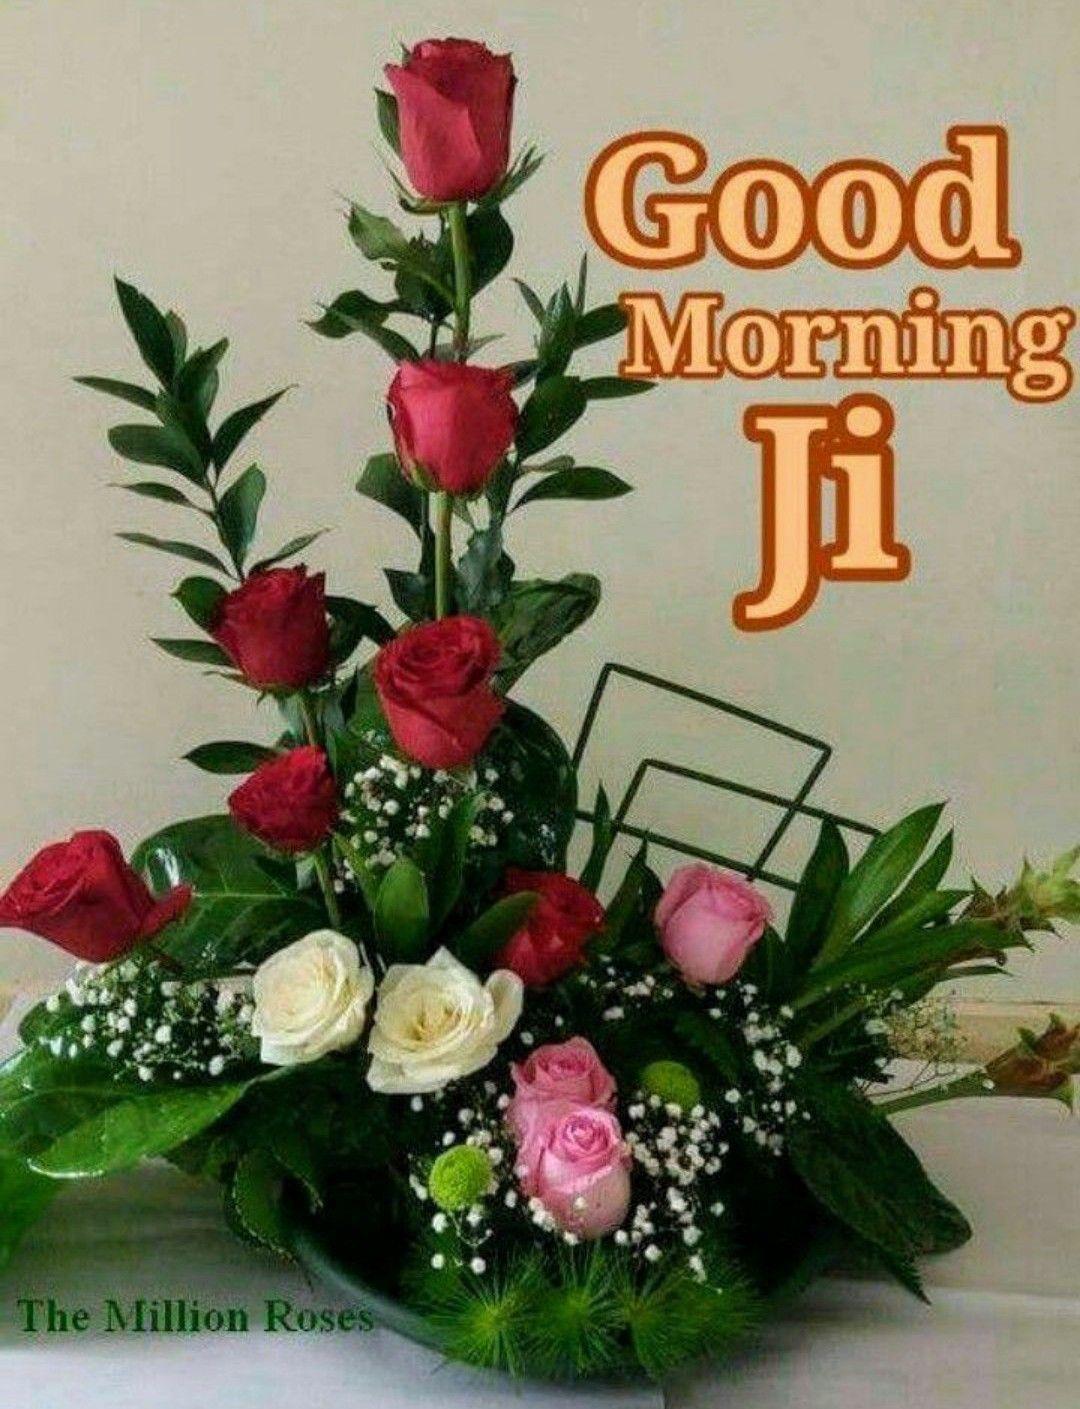 Good Morning Ji Good Wishes Good Morning Good Morning Msg